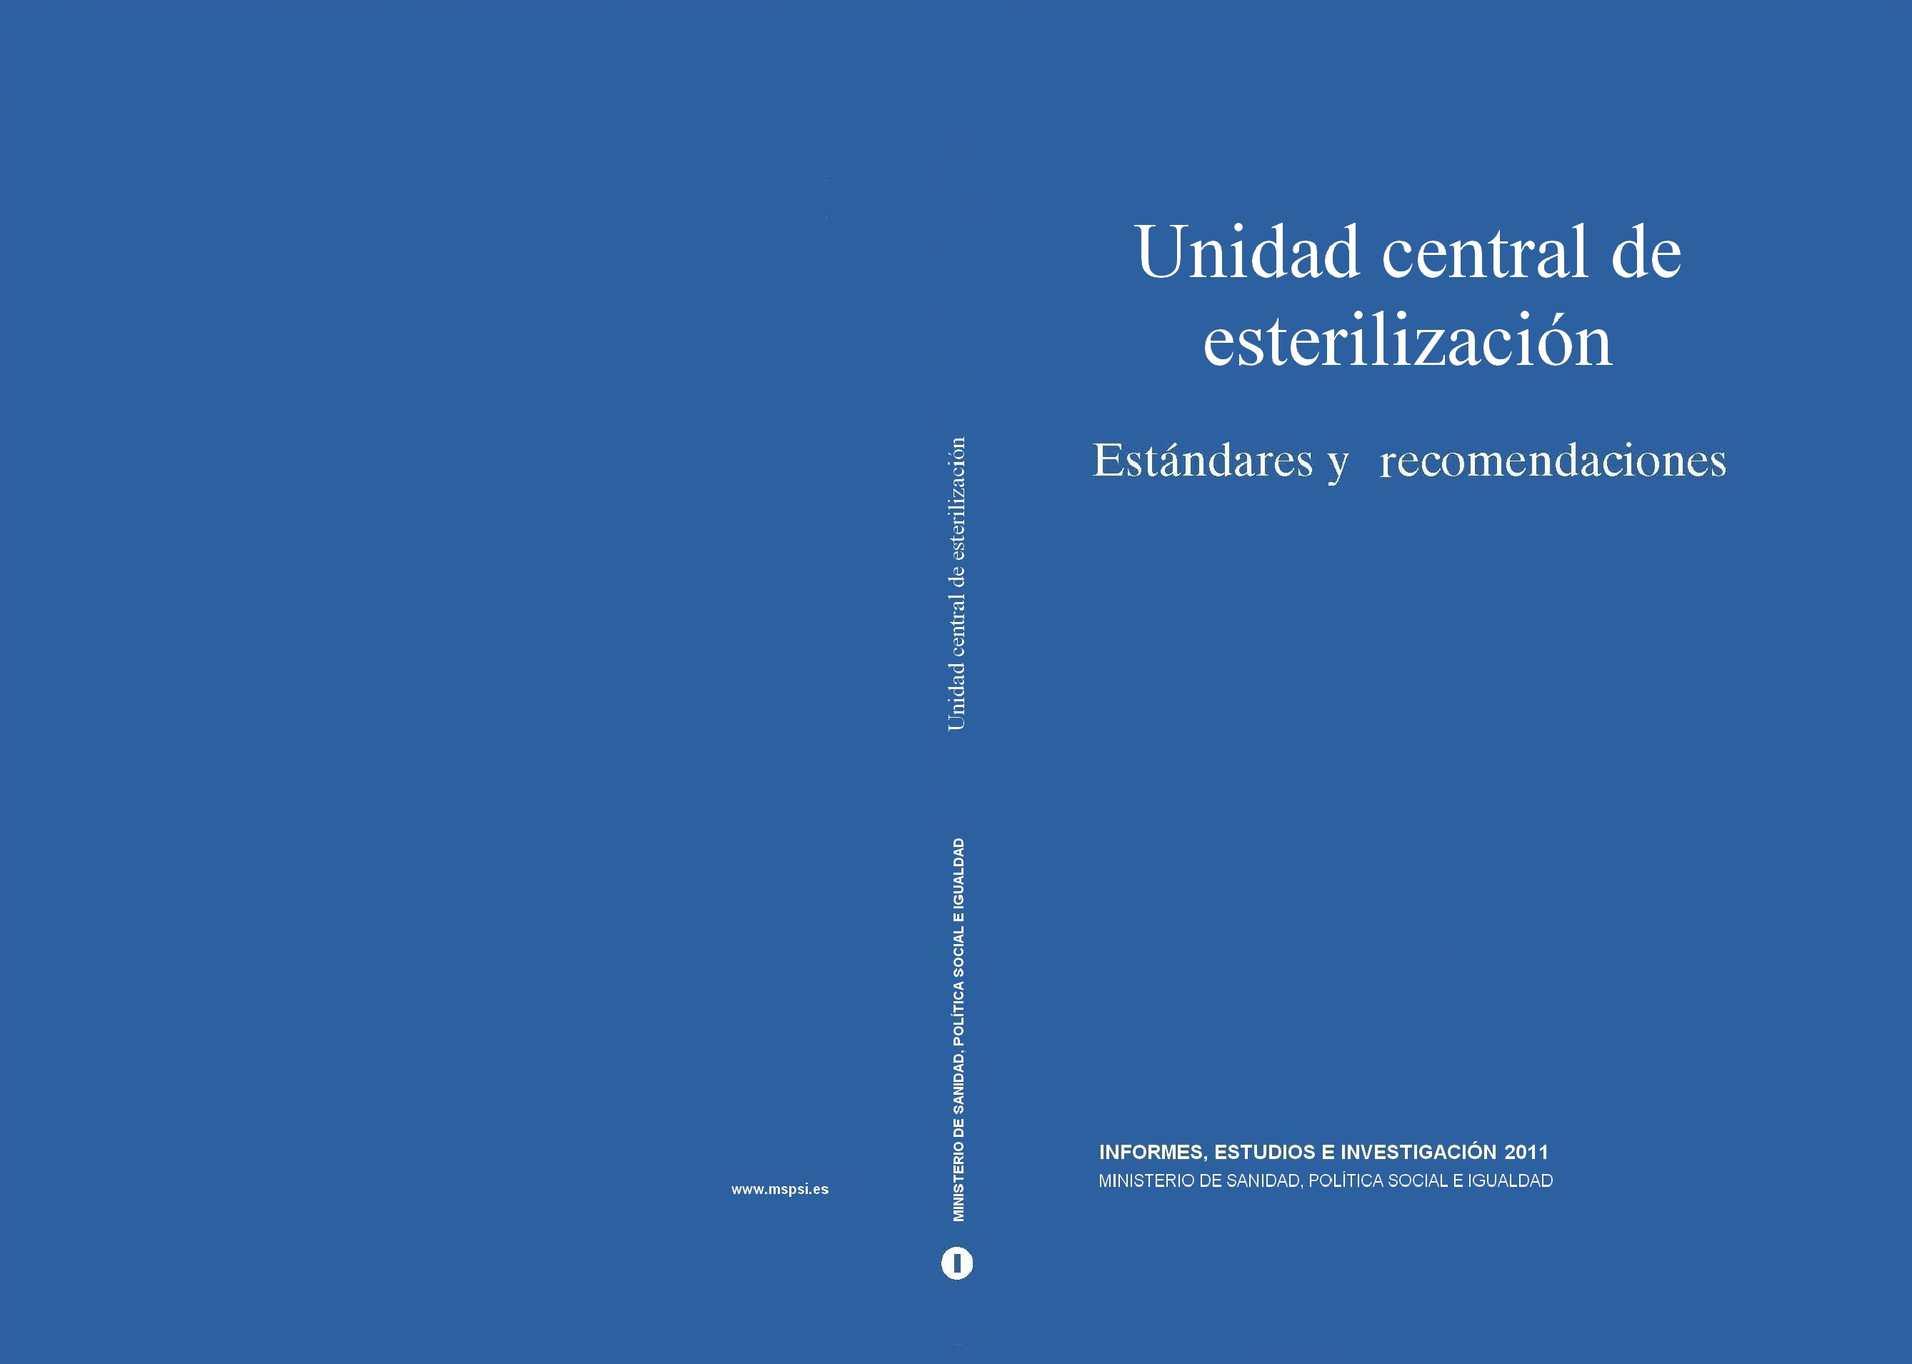 Calaméo - Unidad central de esterilización